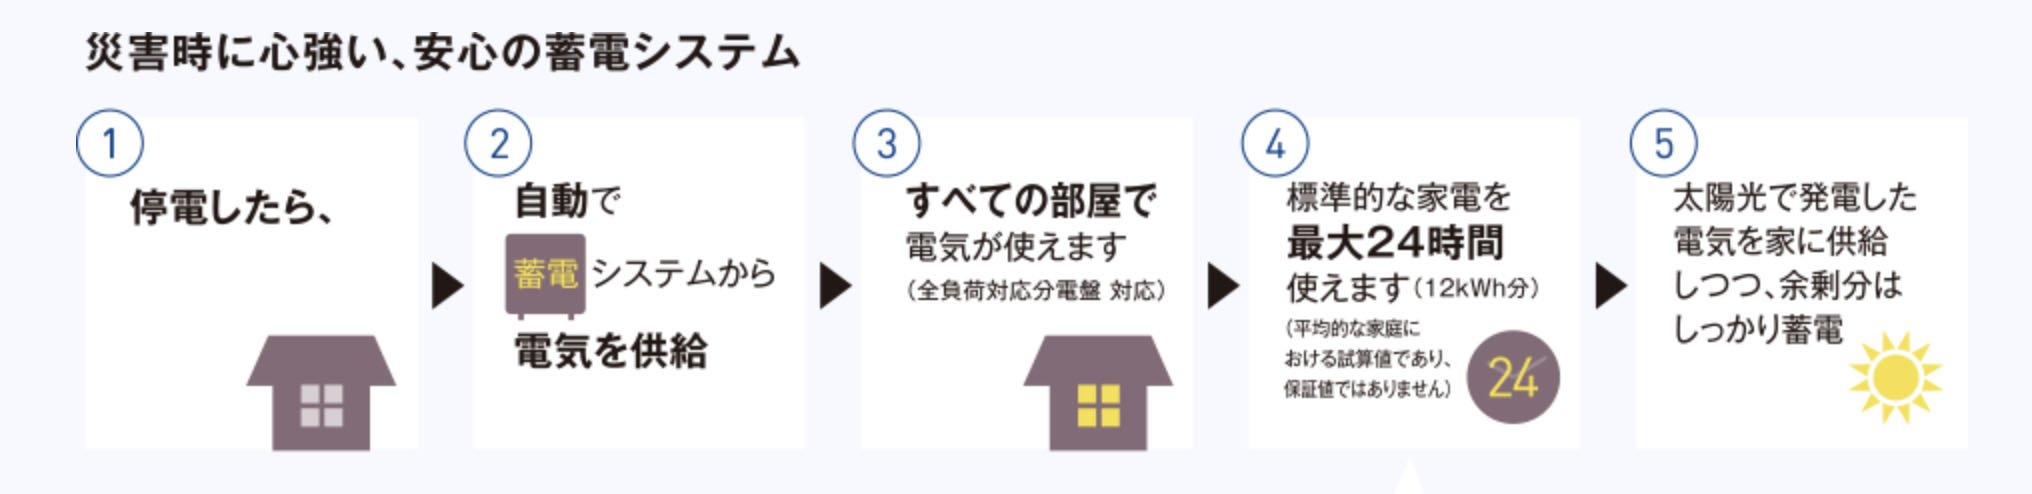 停電したら、家に電気を自動供給、太陽光からの電気も自動蓄電